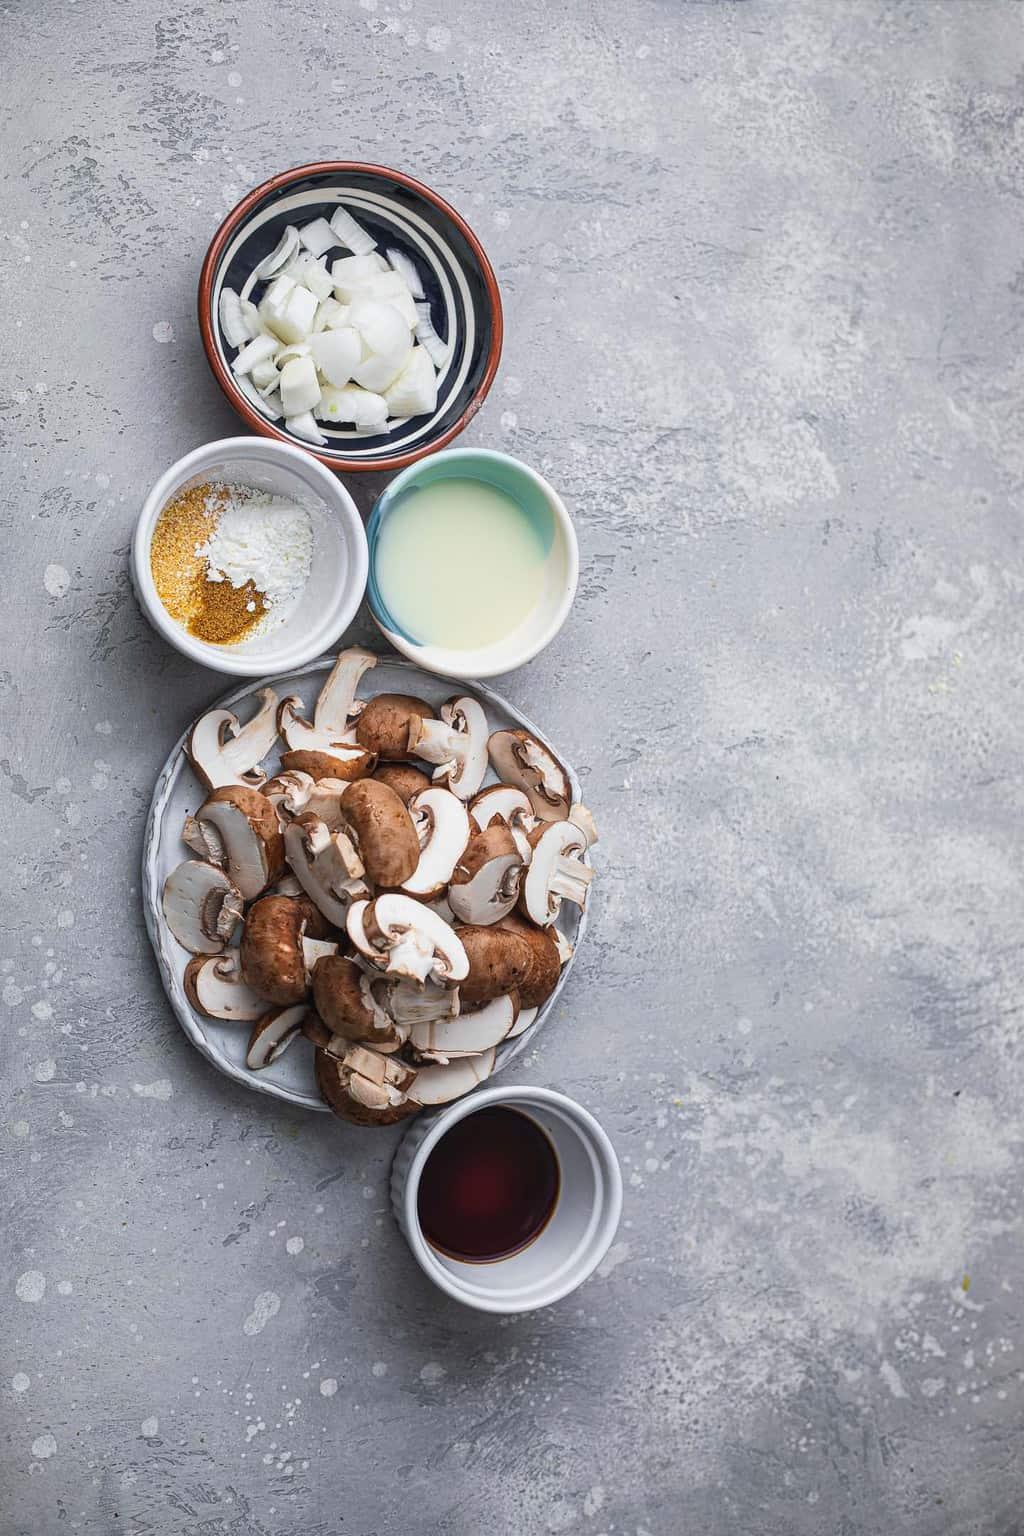 Creamy mushroom ingredients